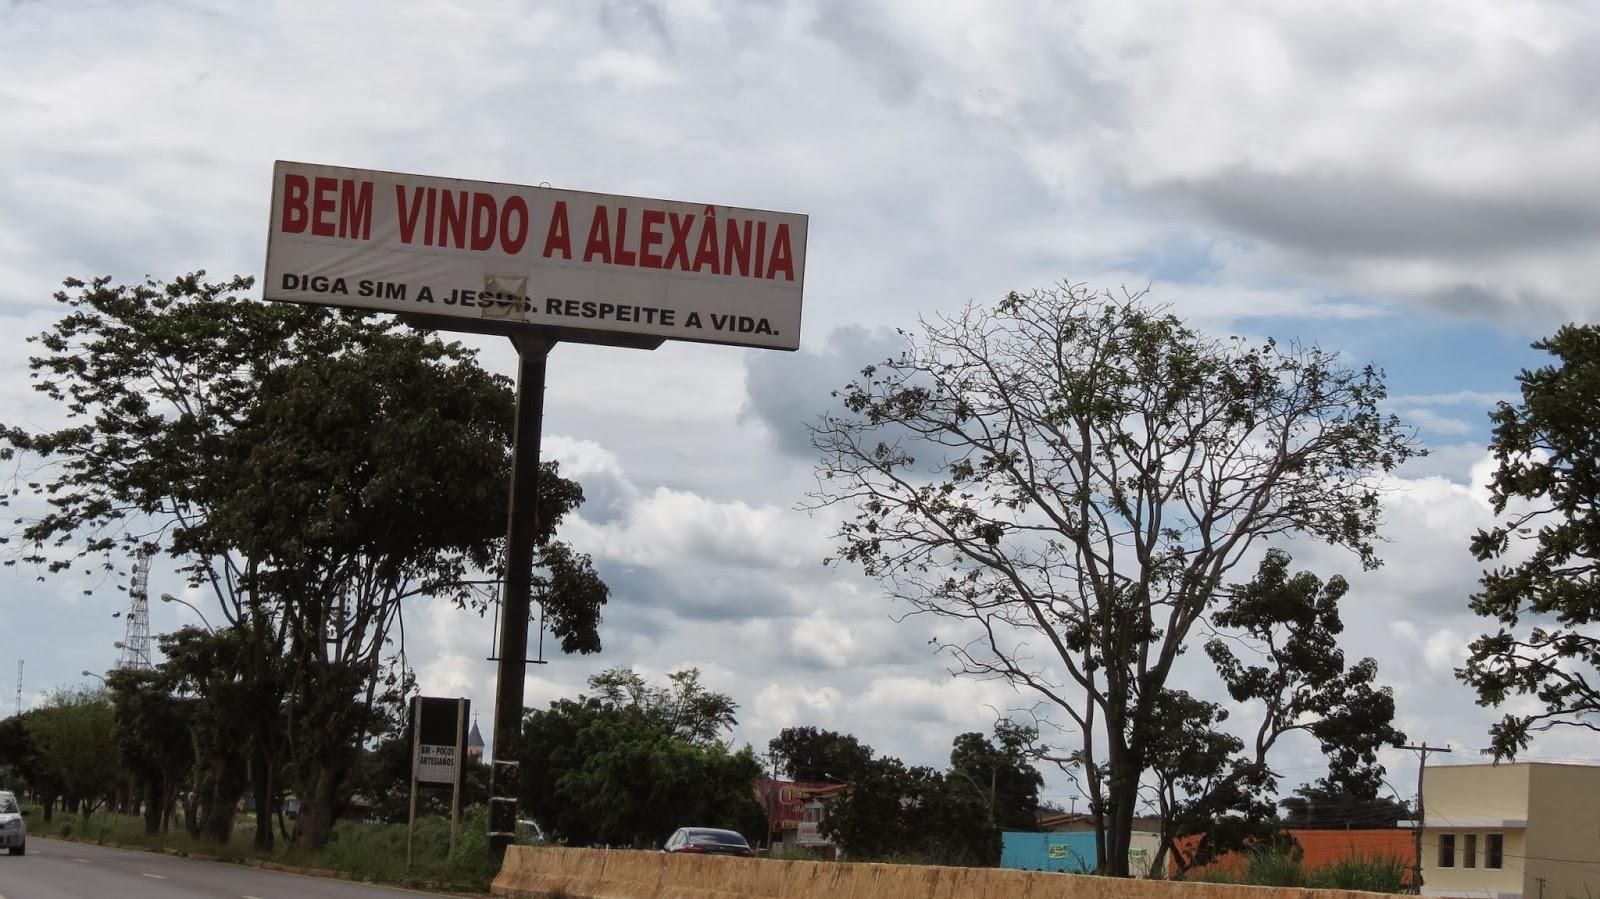 Escritório_de_Contabilidade_em_Alexania